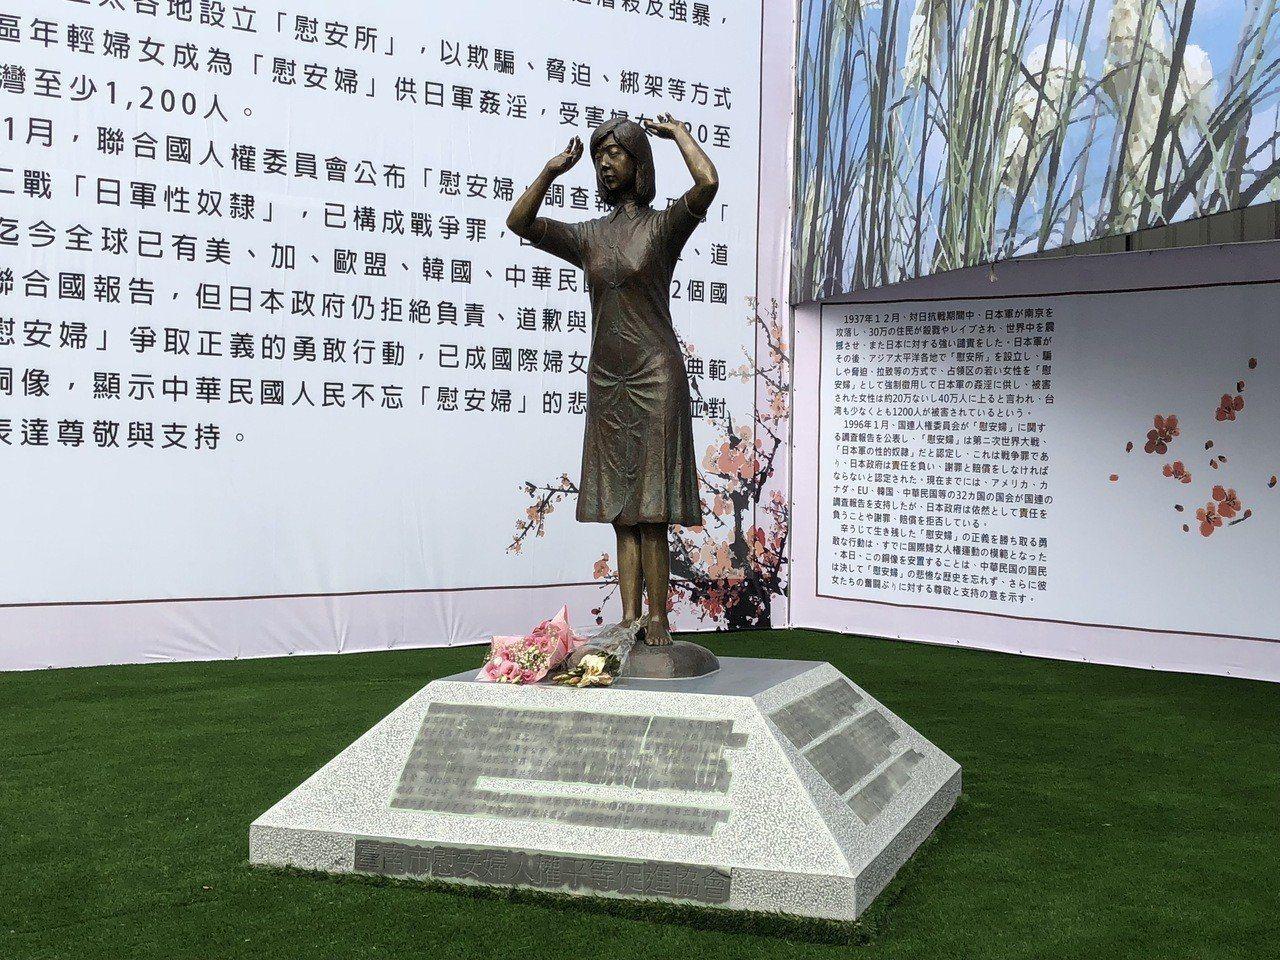 日本團體「慰安婦的真實國民運動」代表藤井實彥腳踢設置於台南的「慰安婦」銅像,引發...